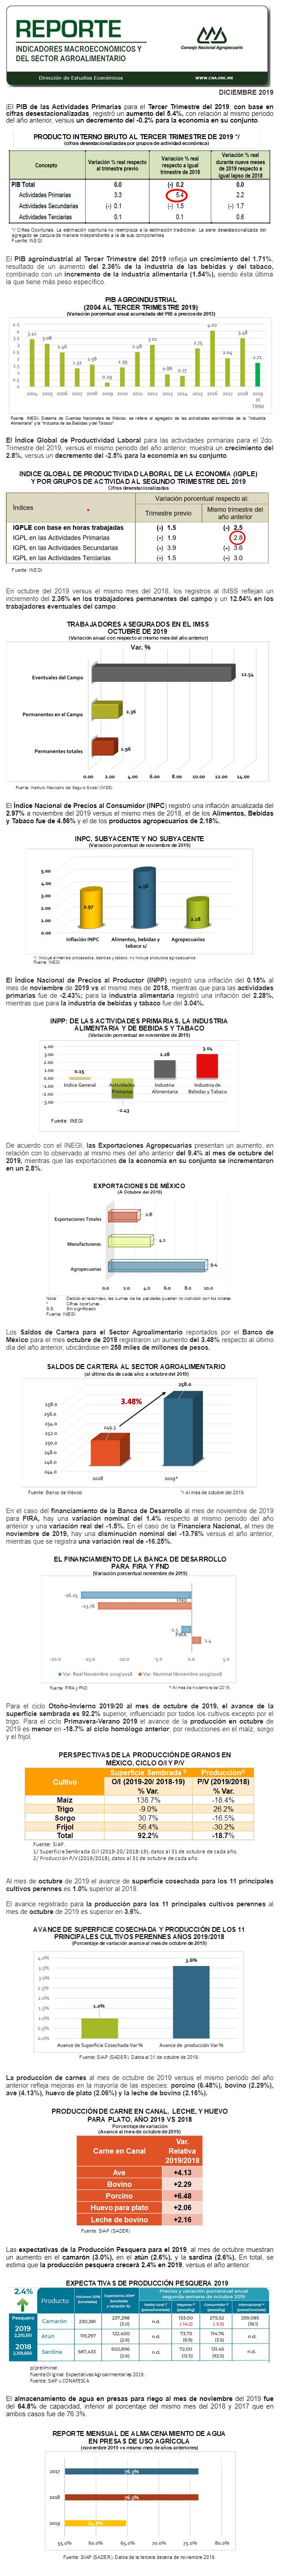 Reporte Indicadores Macroeconómicos y Sectoriales Diciembre 2019.